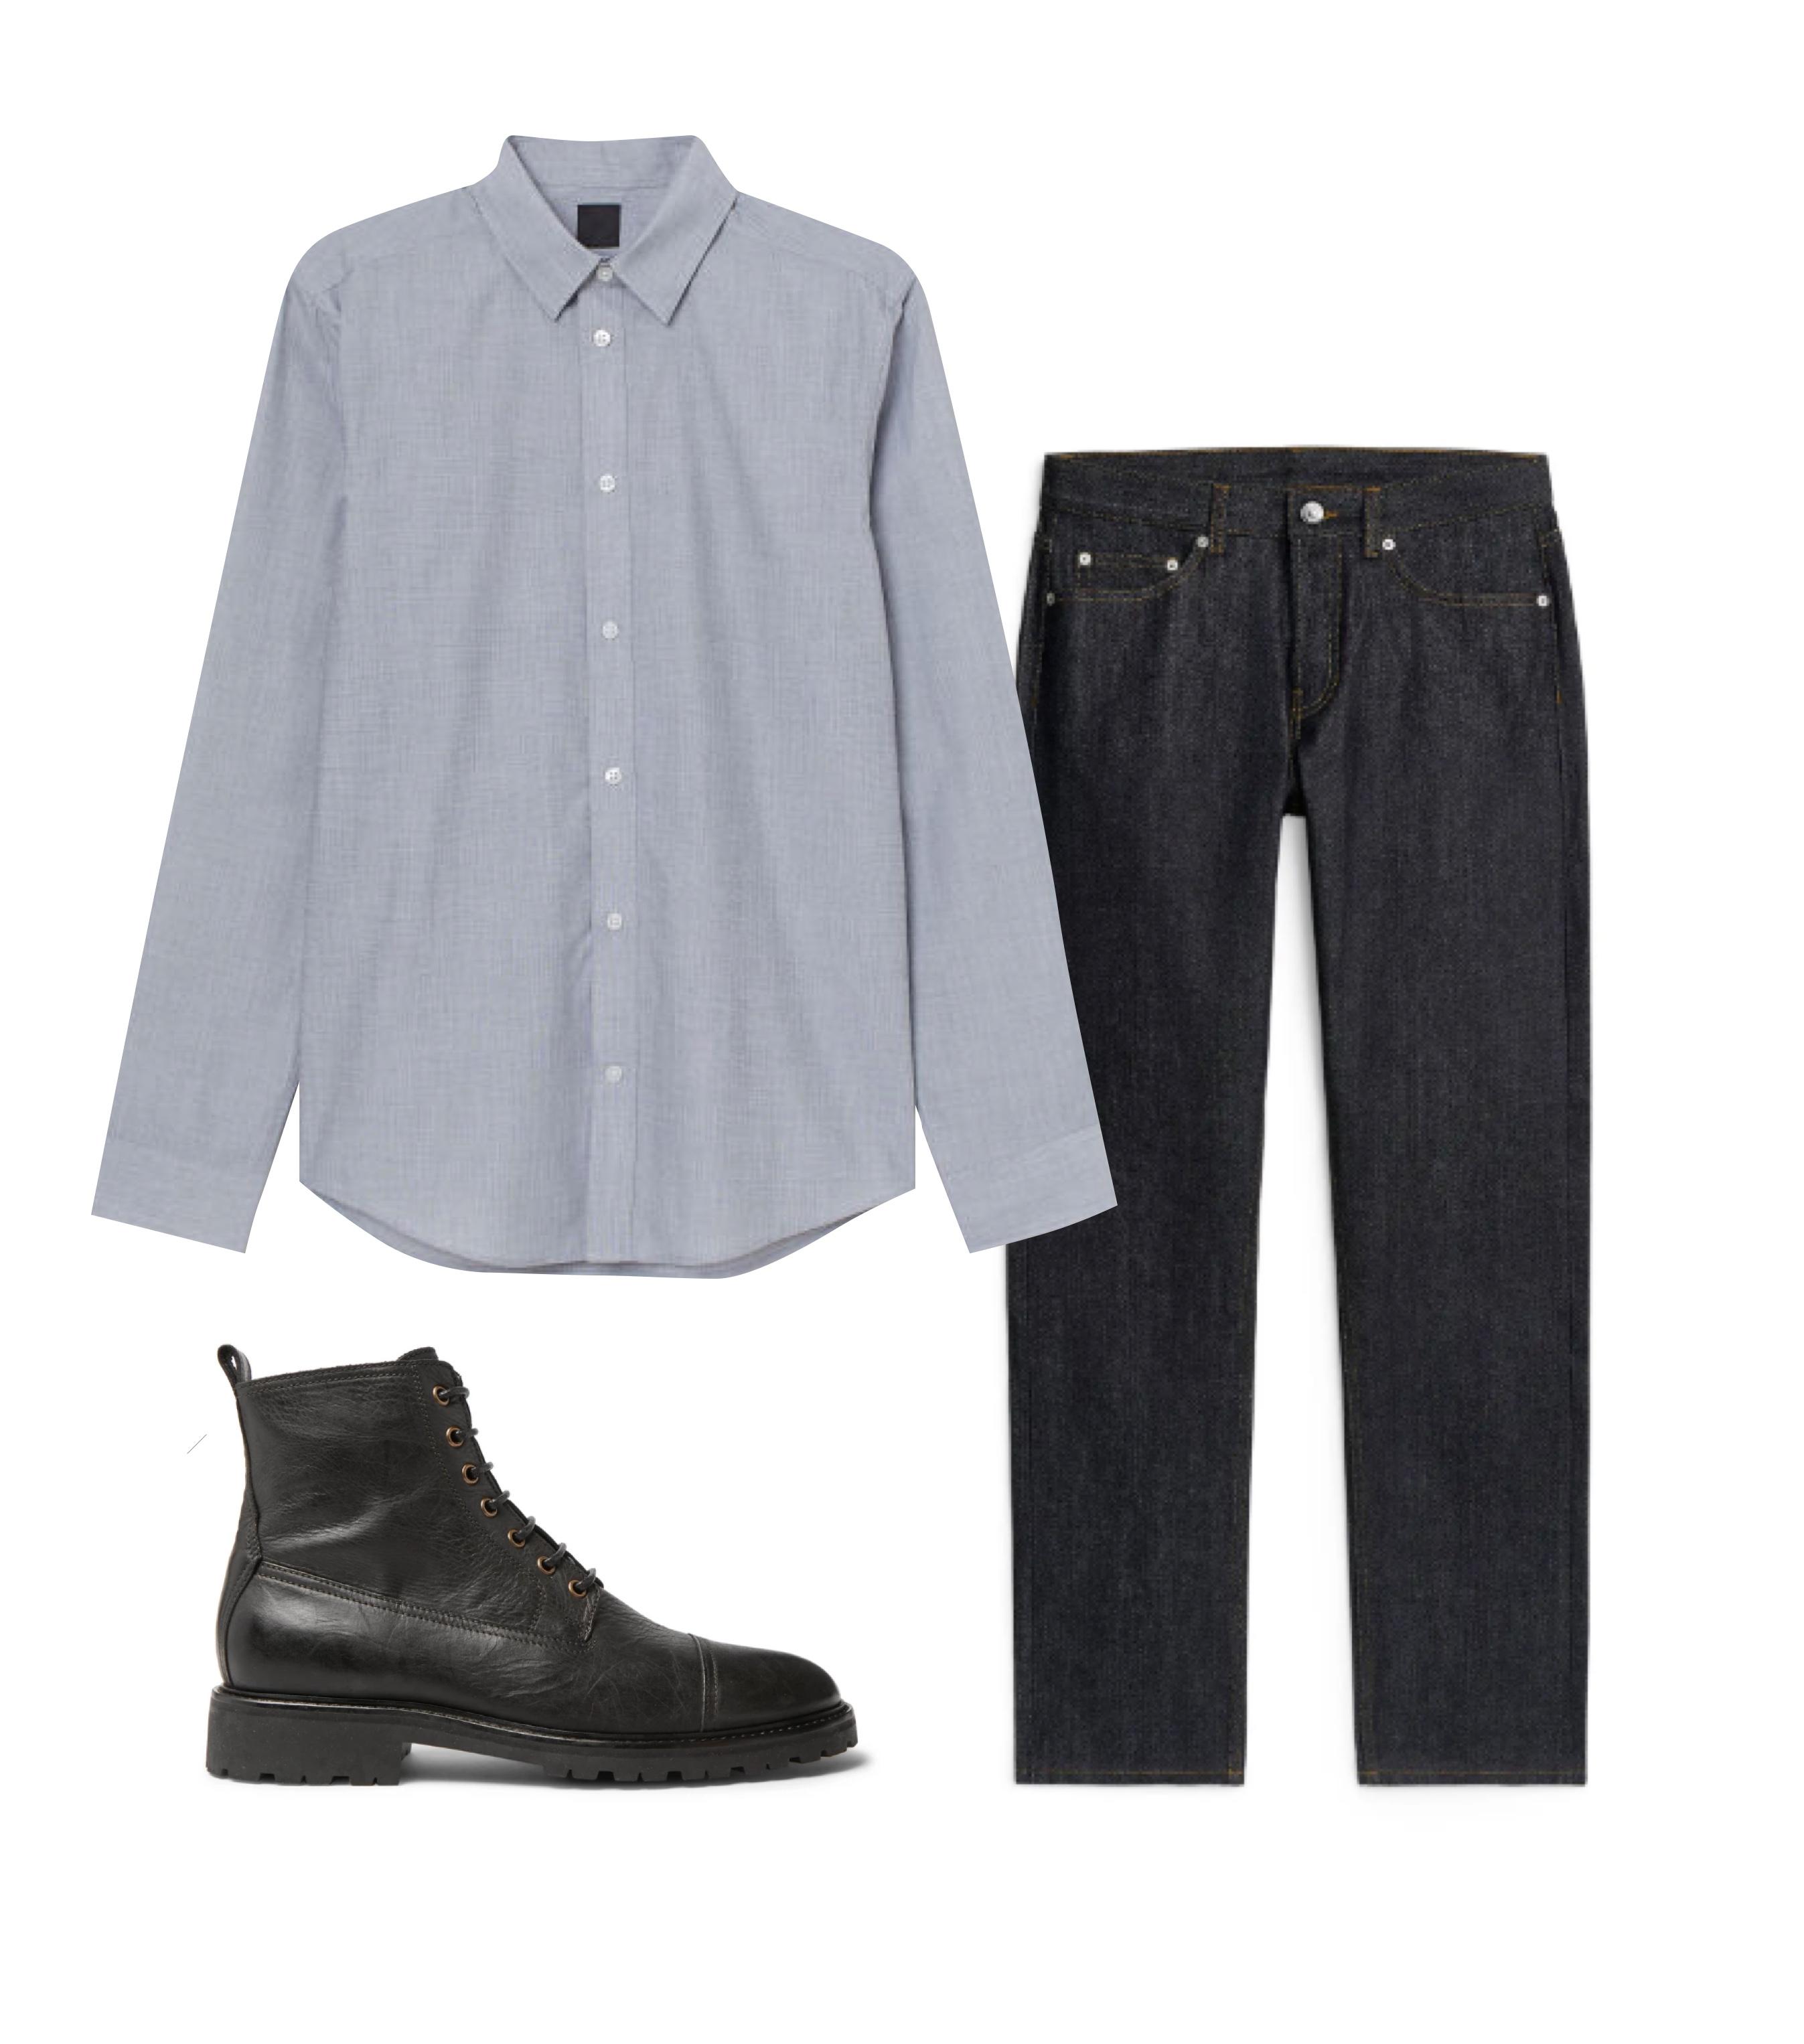 Джинсы Arket, $138; рубашка H&M, 1199 рублей; обувь Belstaff, €411